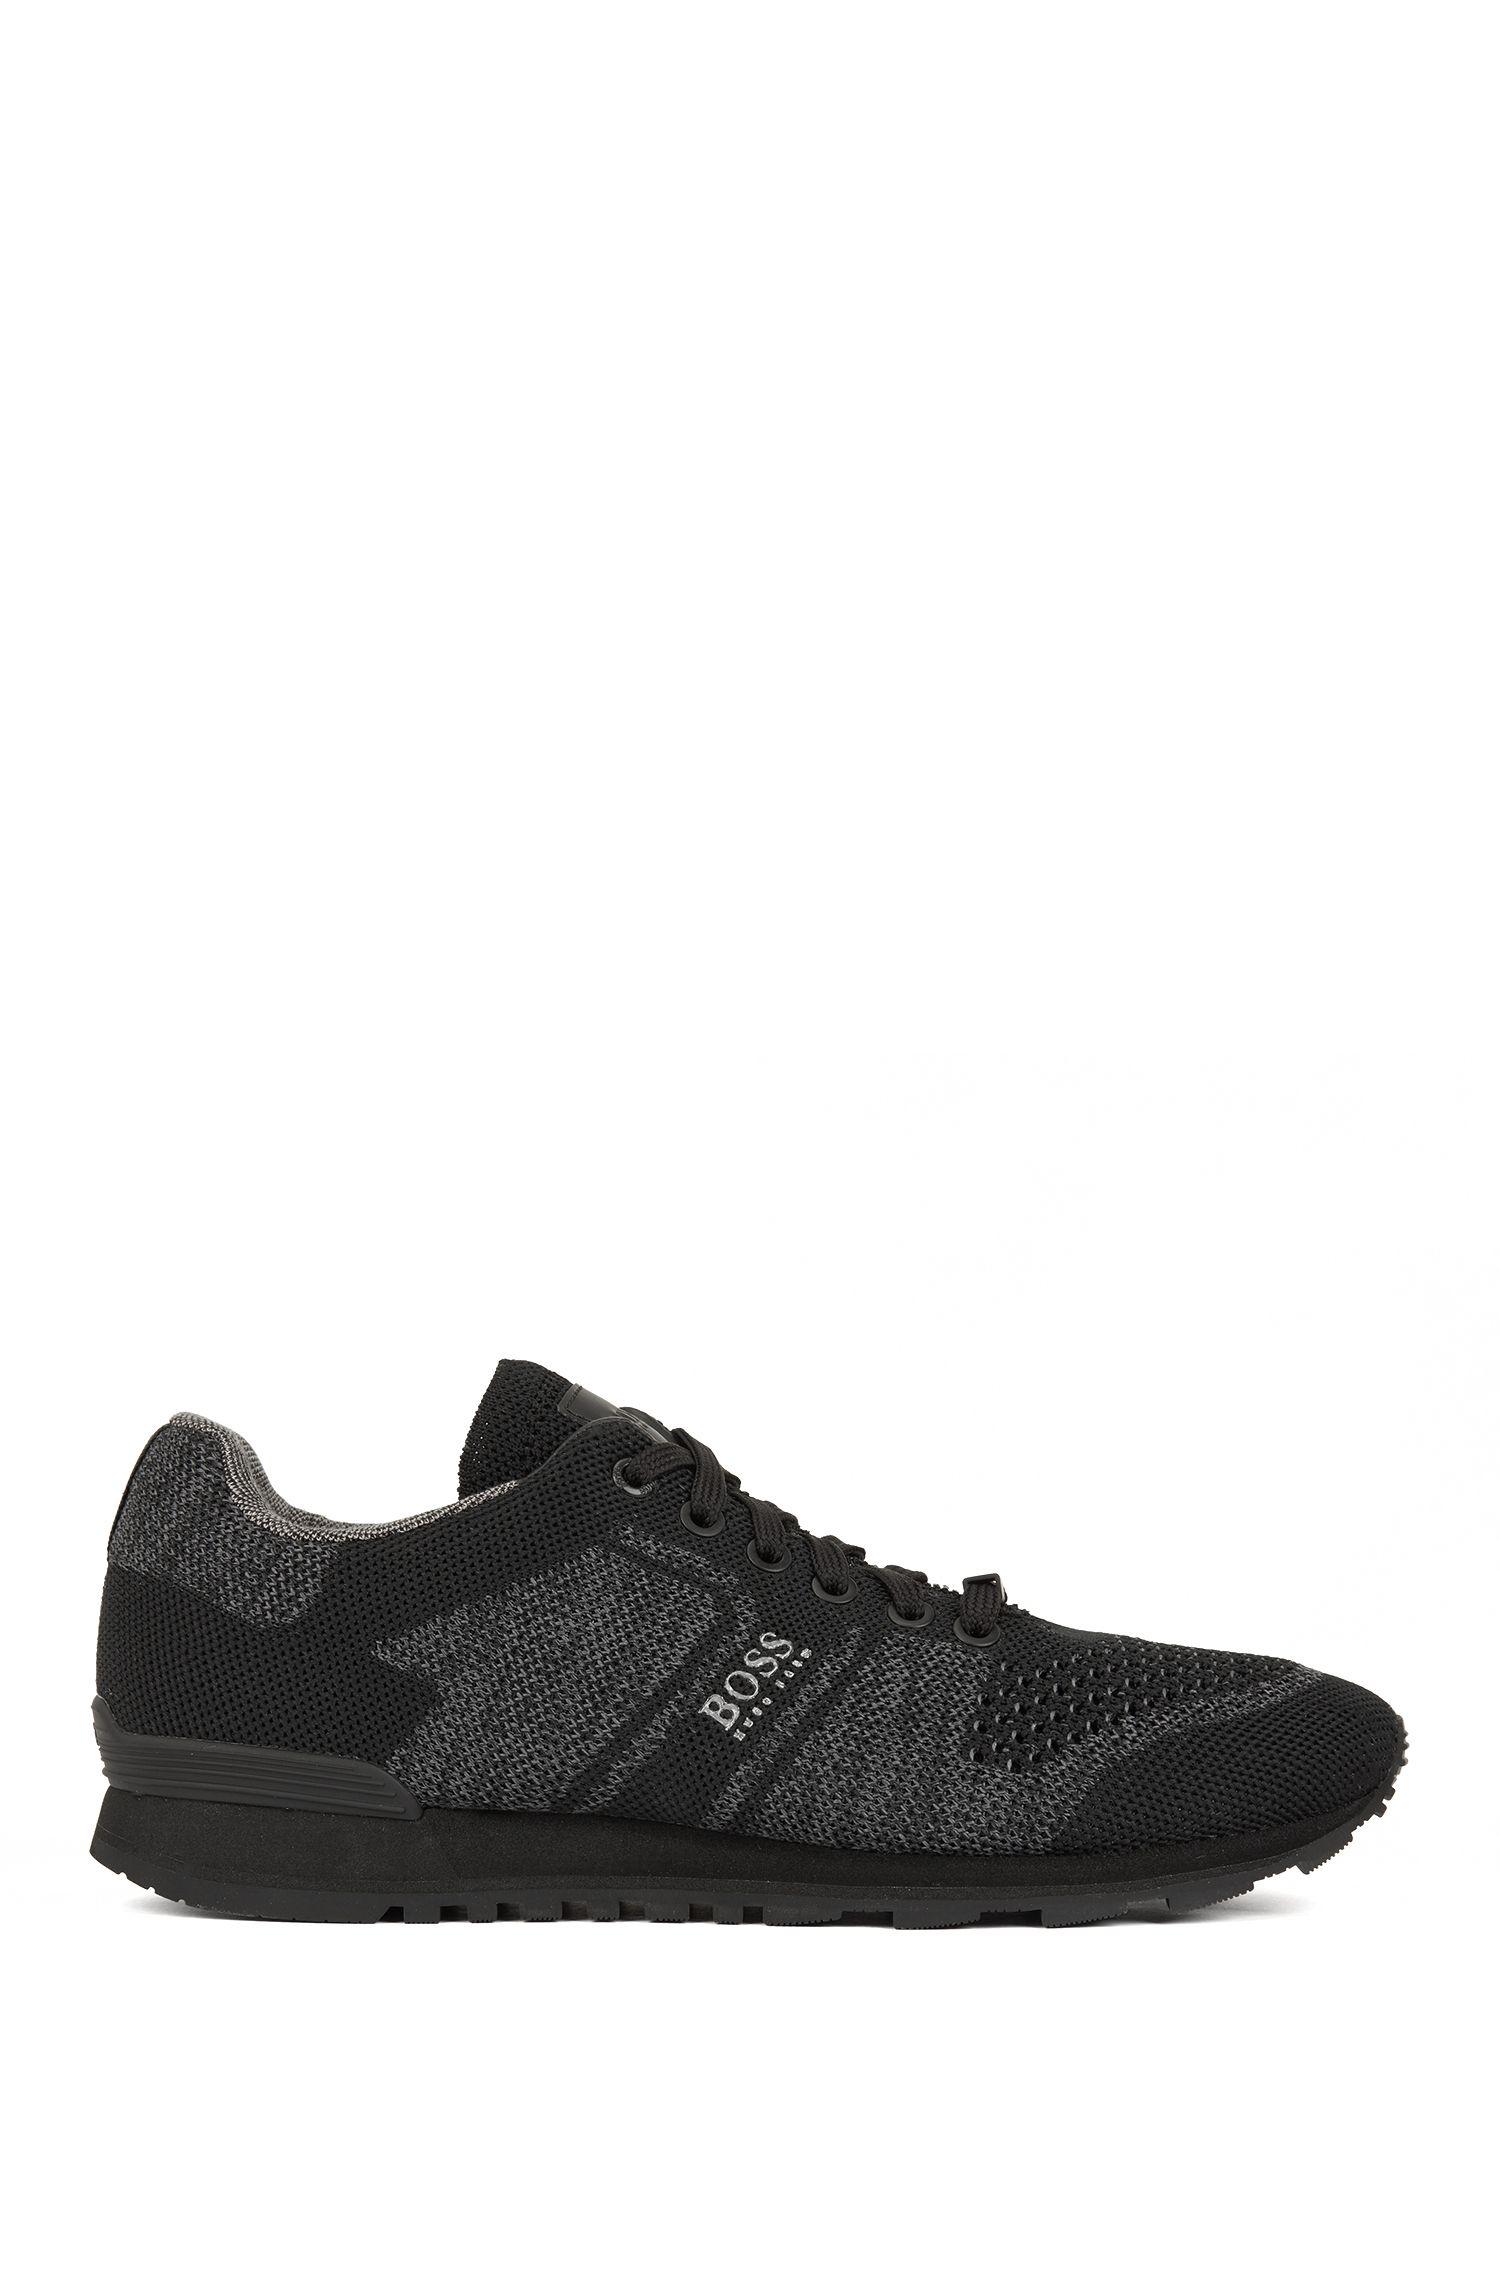 Baskets style chaussures de running avec tige en maille à motifs multiples, Noir